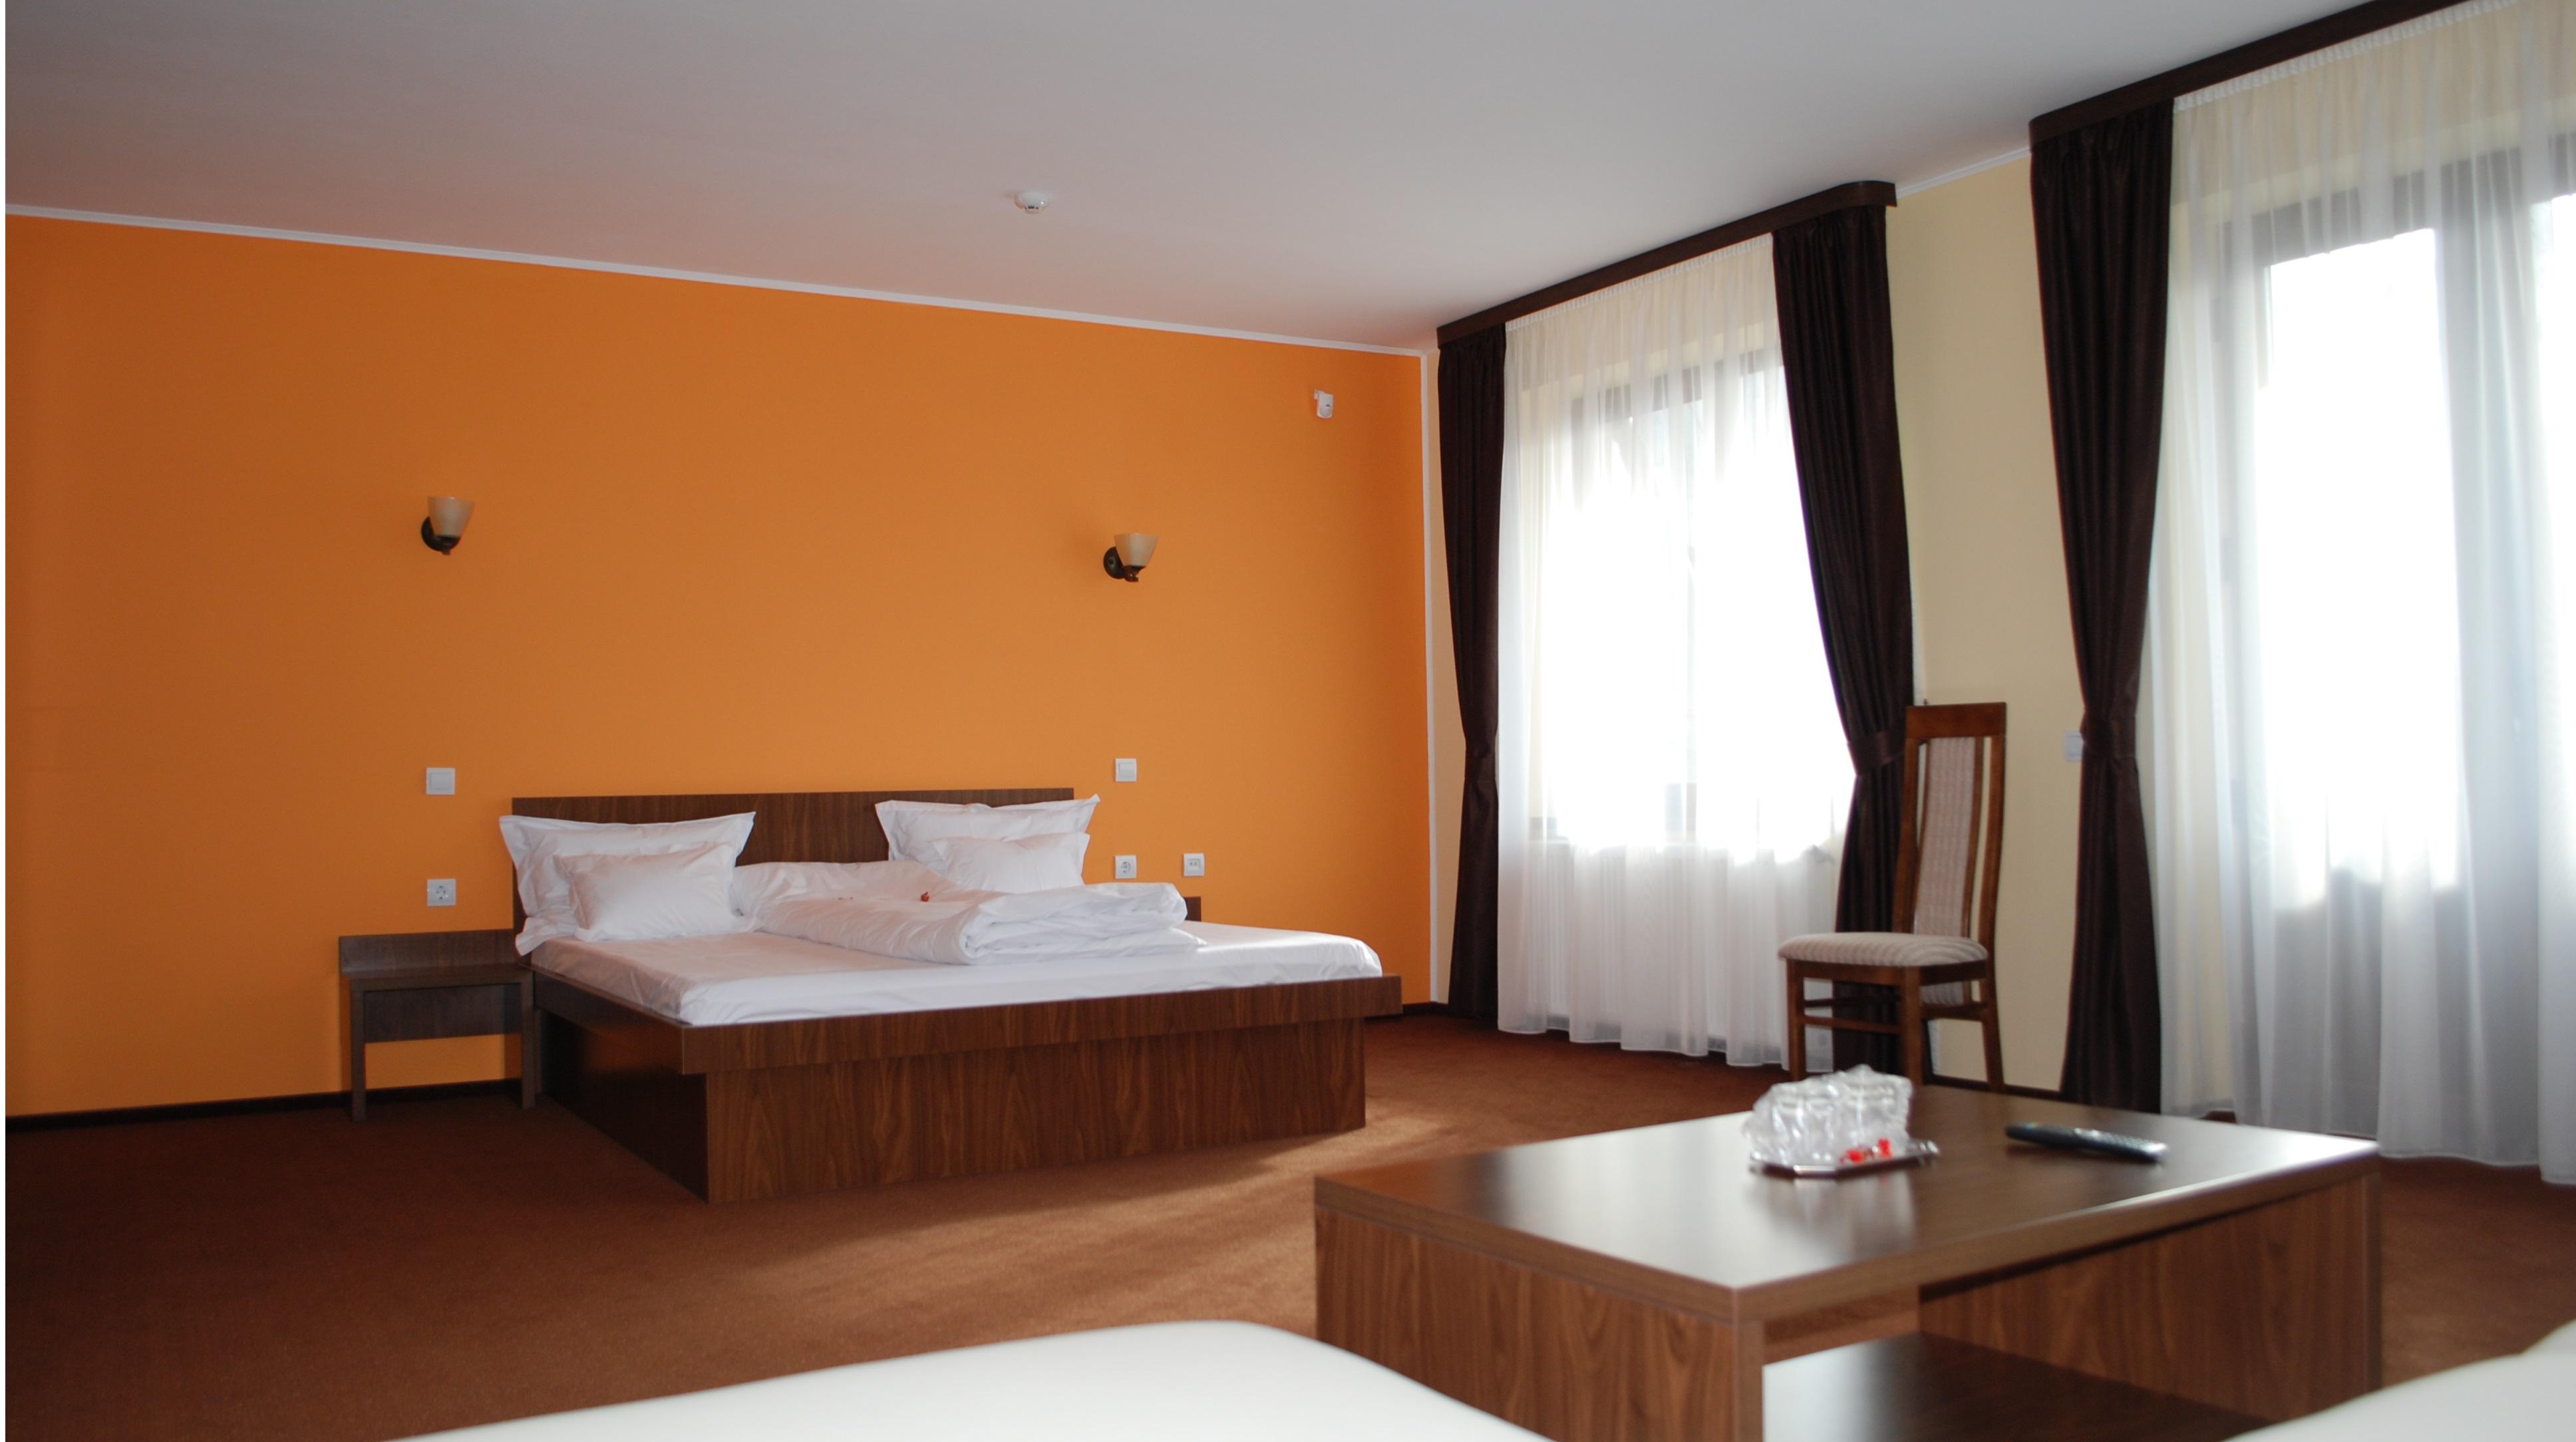 Apartment [1]